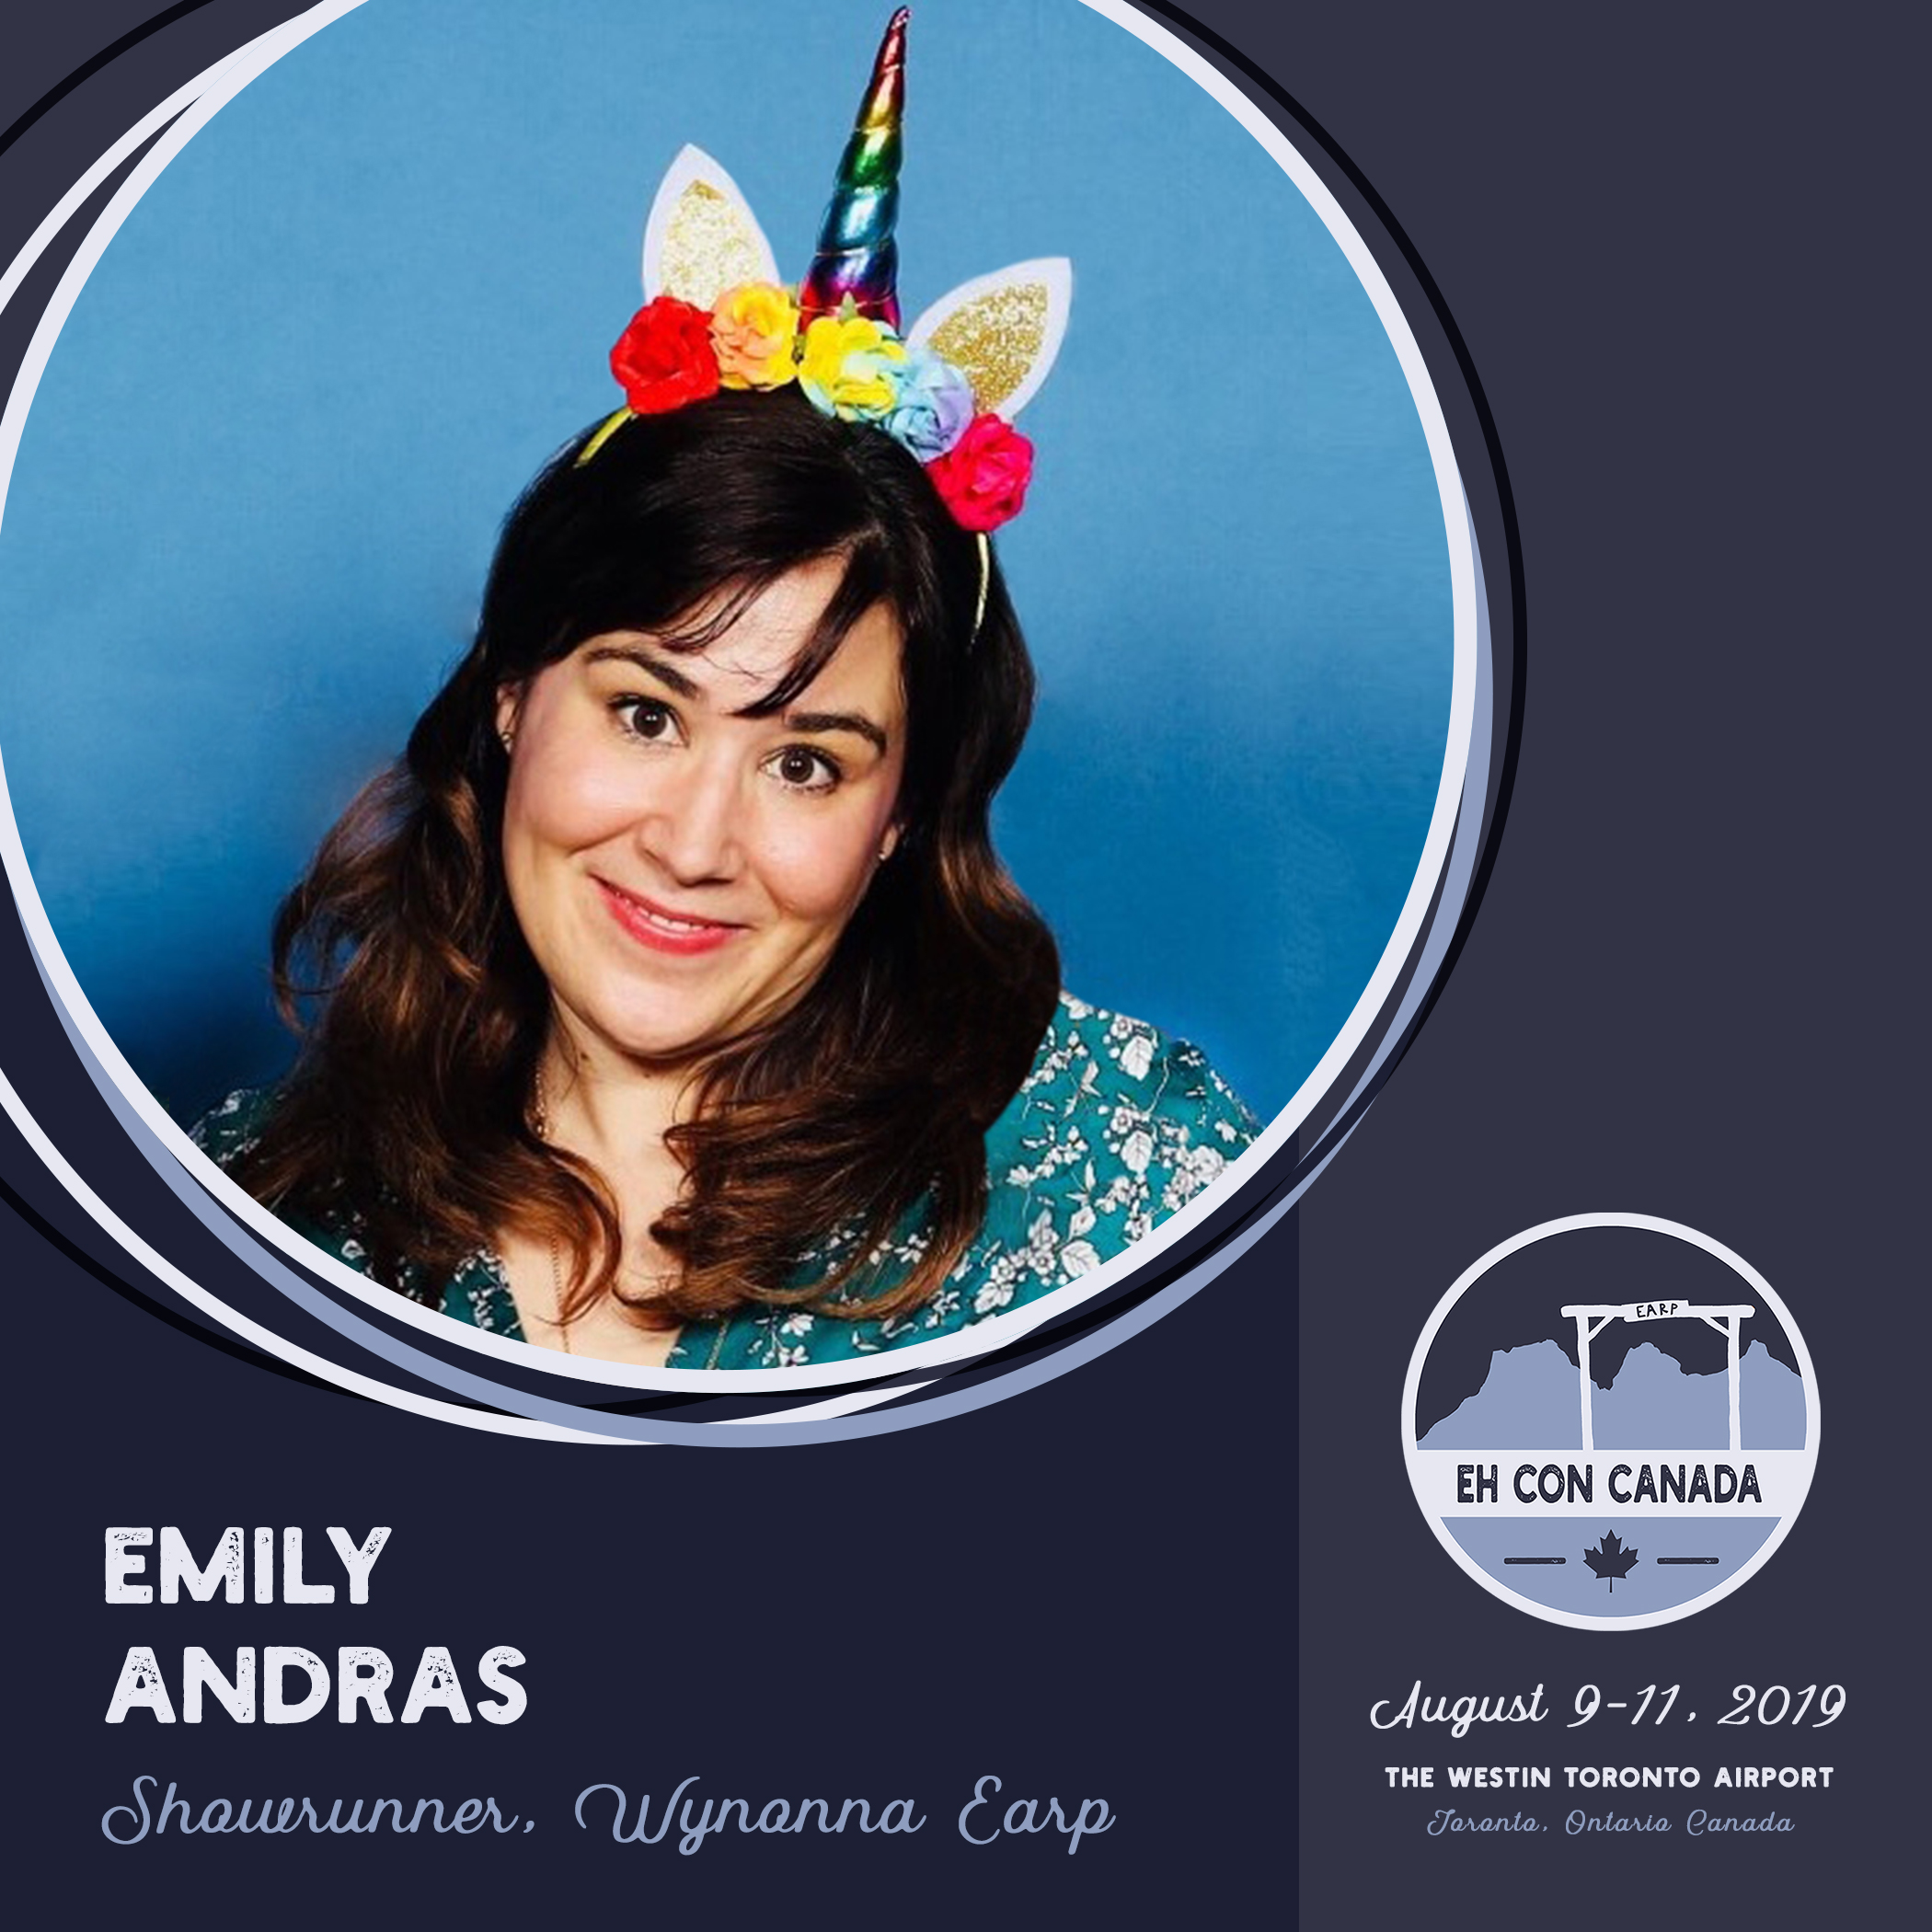 Emily's Bio